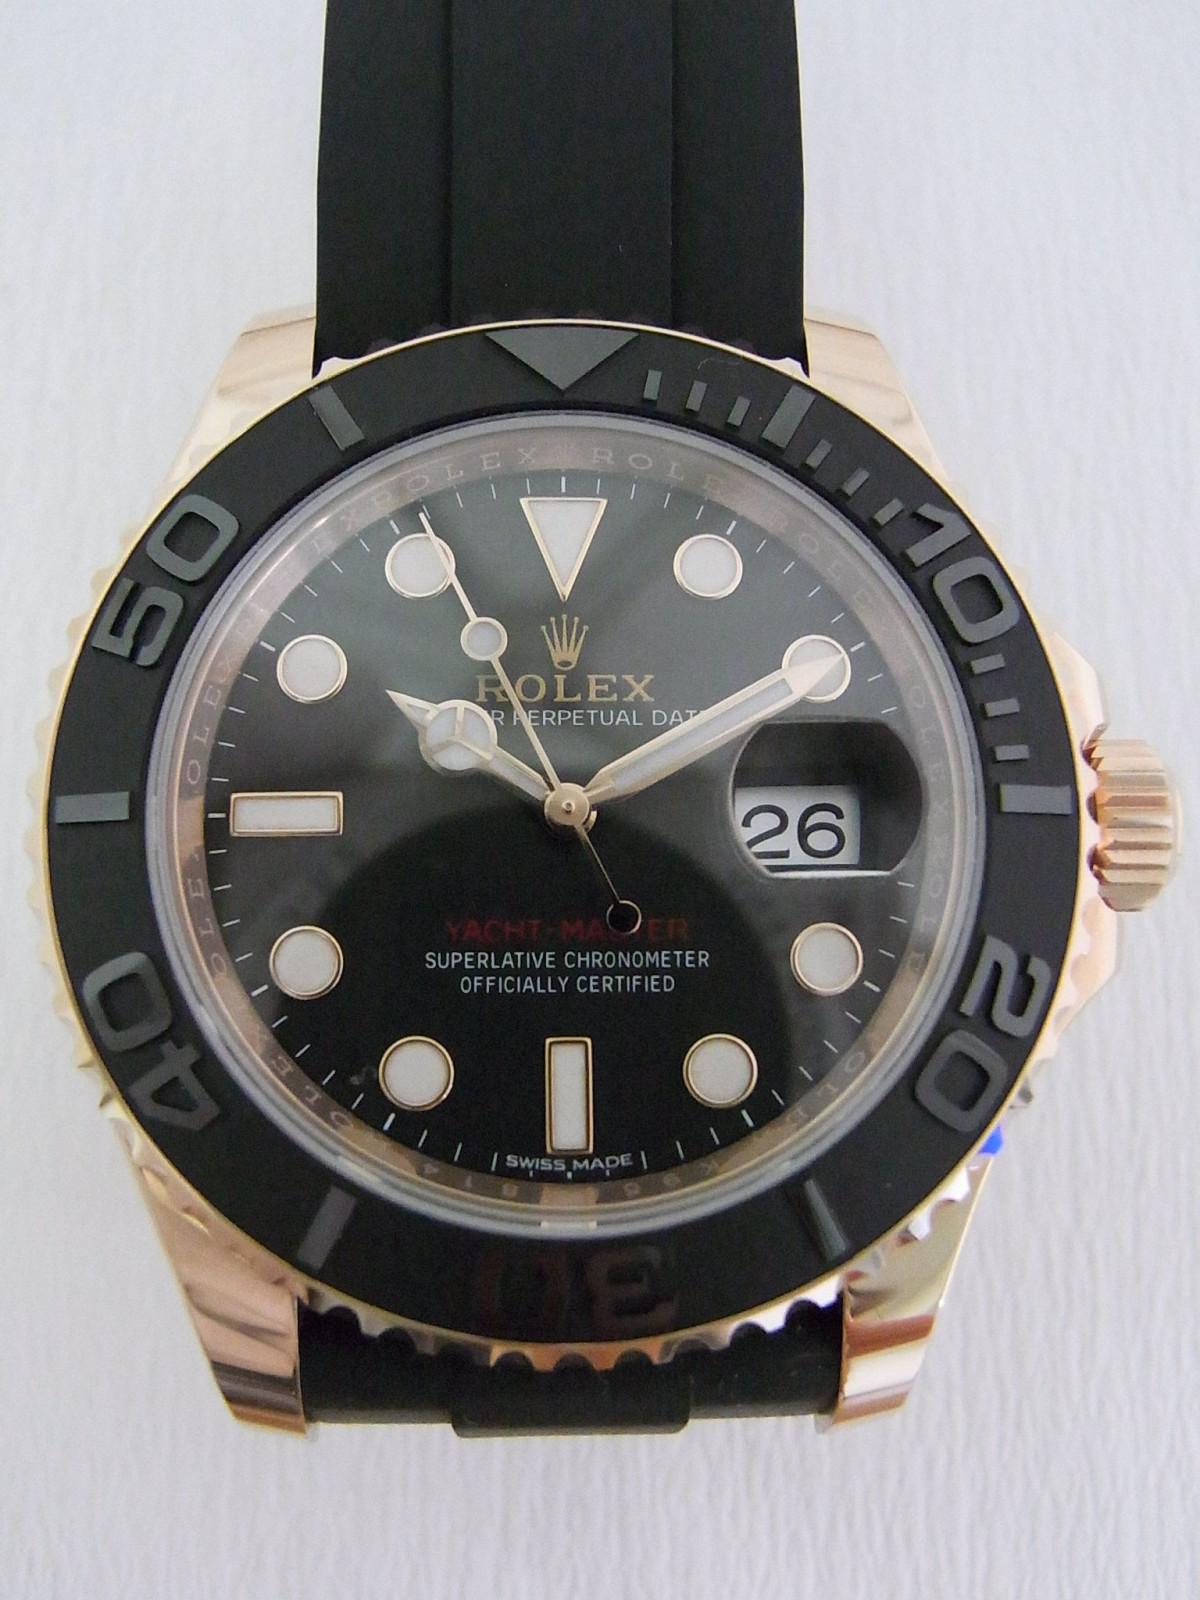 e43c4375763 Rolex Yacht master 116655 relógio usados (€4